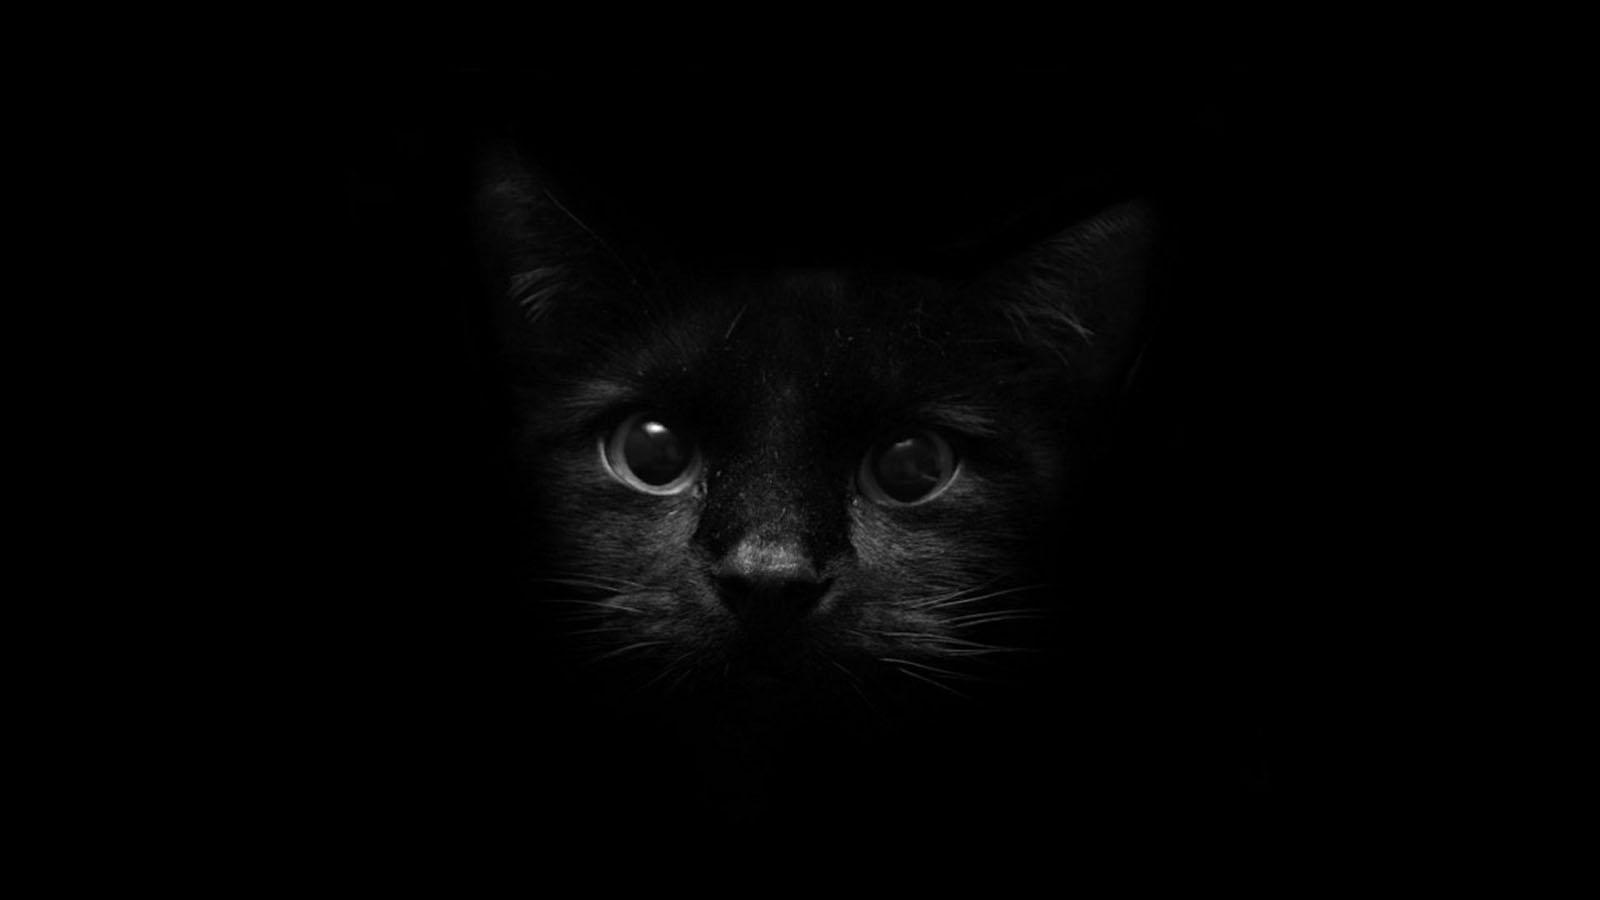 Black Color - Best, Cool, Funny